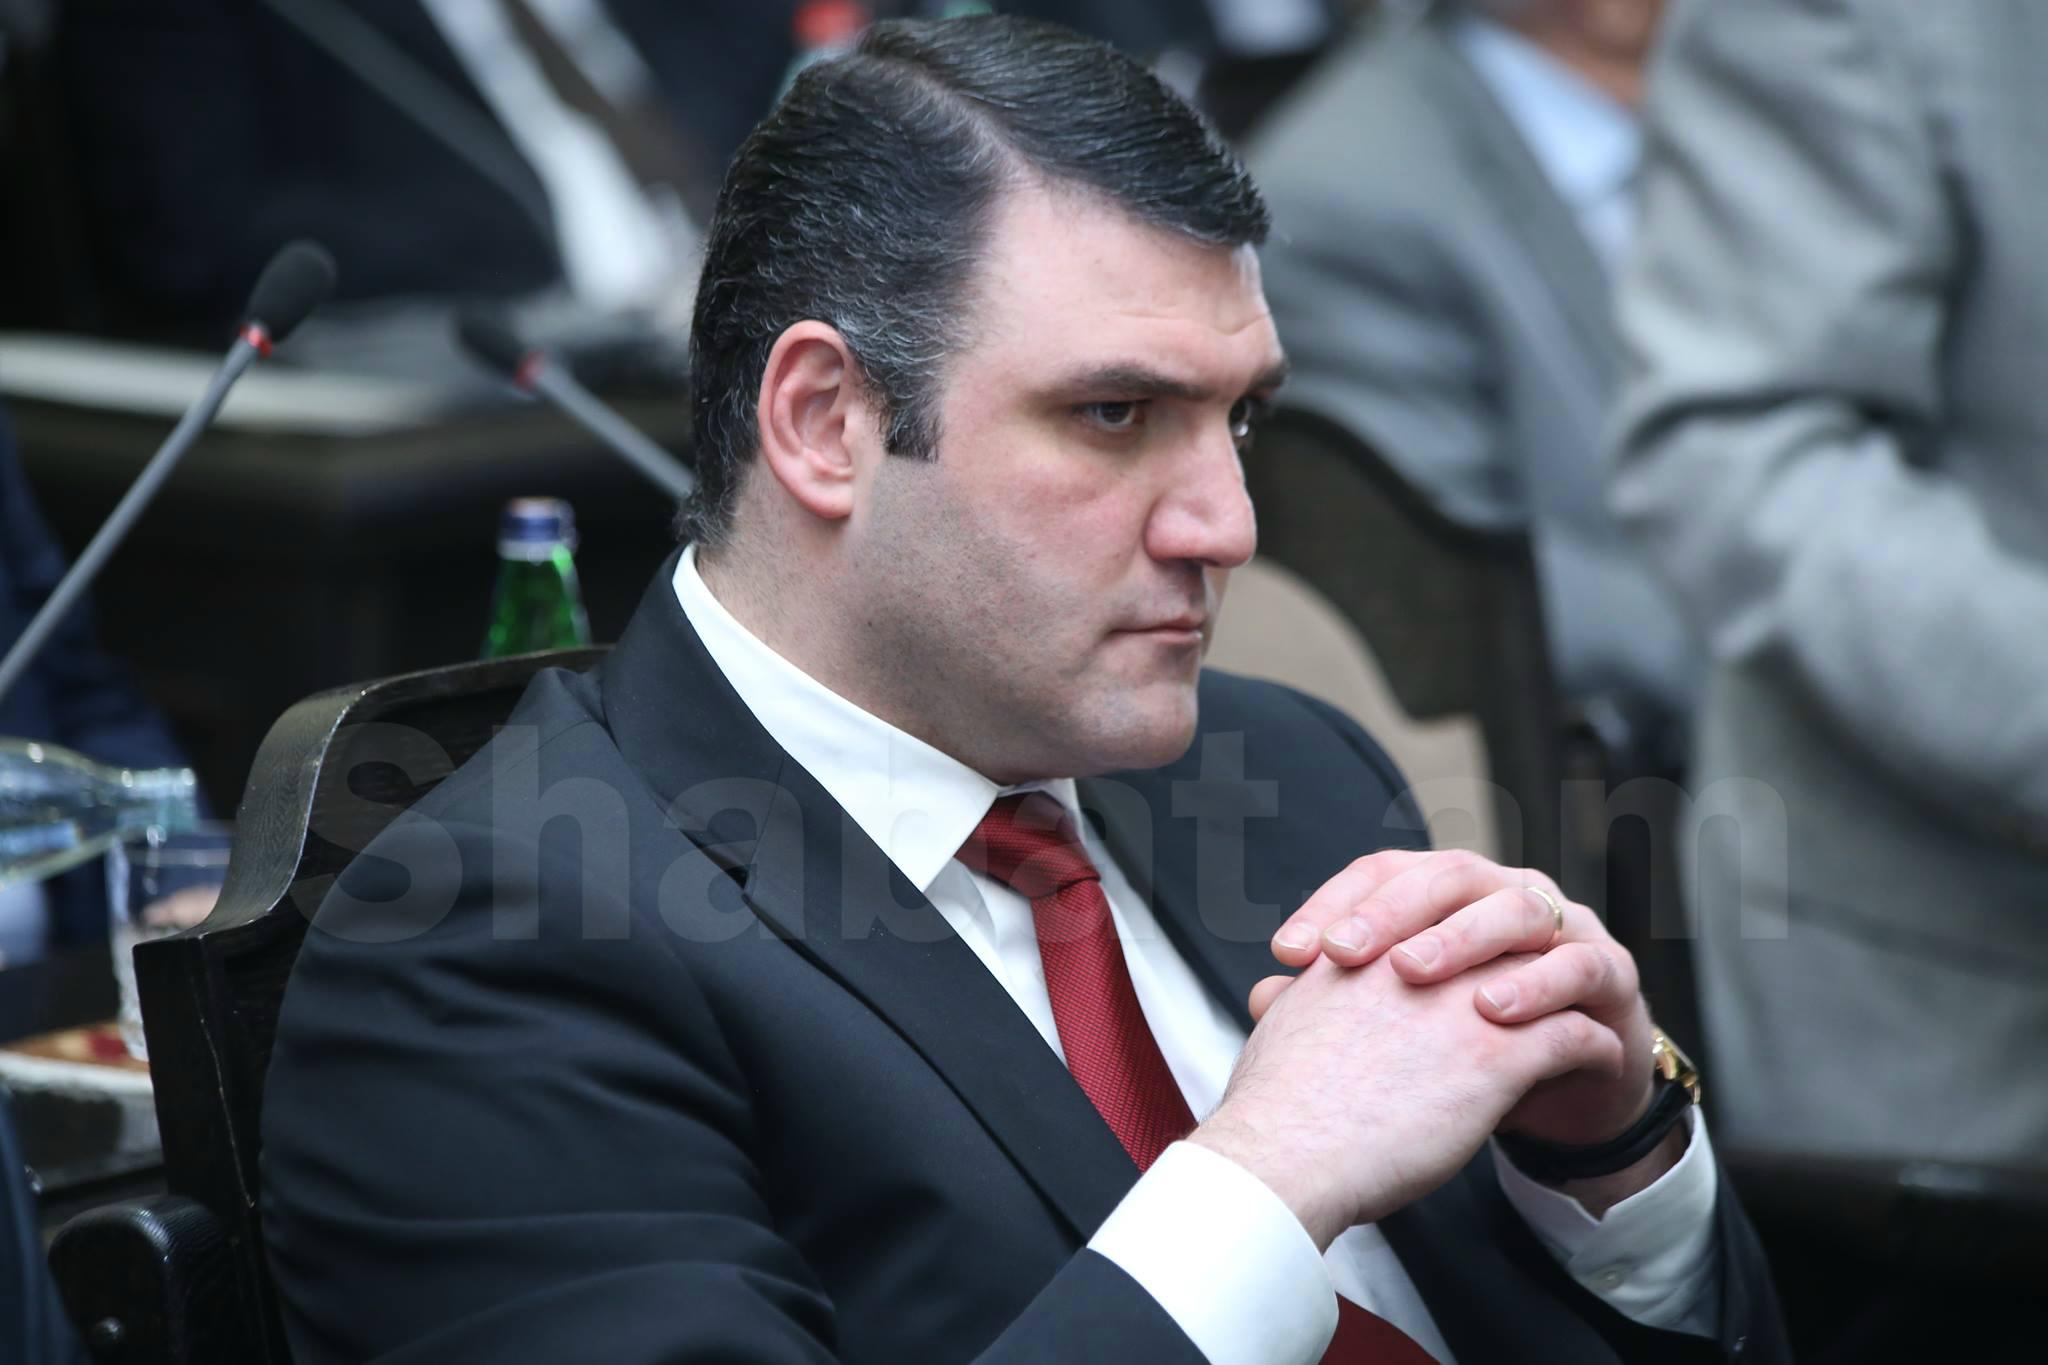 Գևորգ Կոստանյանը վայր կդնի ԱԺ մանդատը. «Հրապարակ»